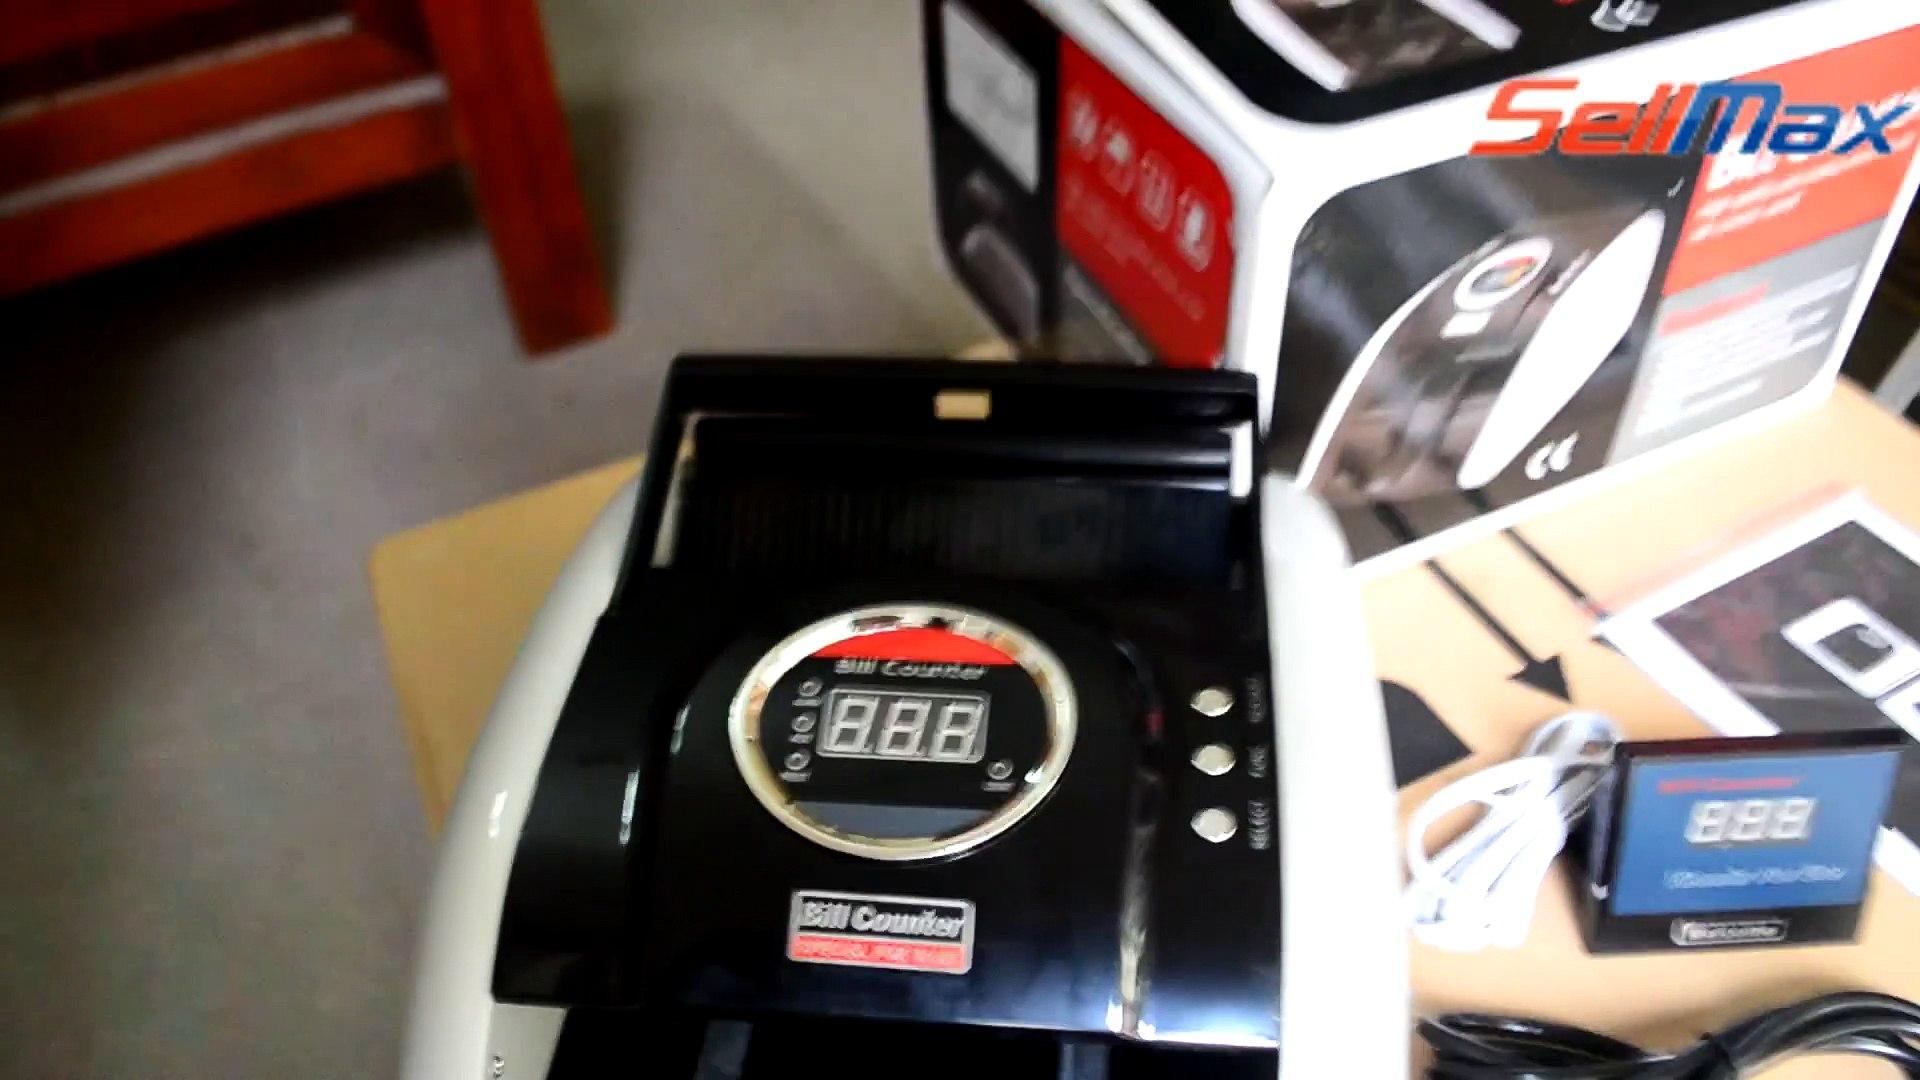 Phân phối Máy đếm tiền Viki 2080 chính hãng giá rẻ hà nội, đại lý bán buôn Máy đếm tiền Viki 2080 ch